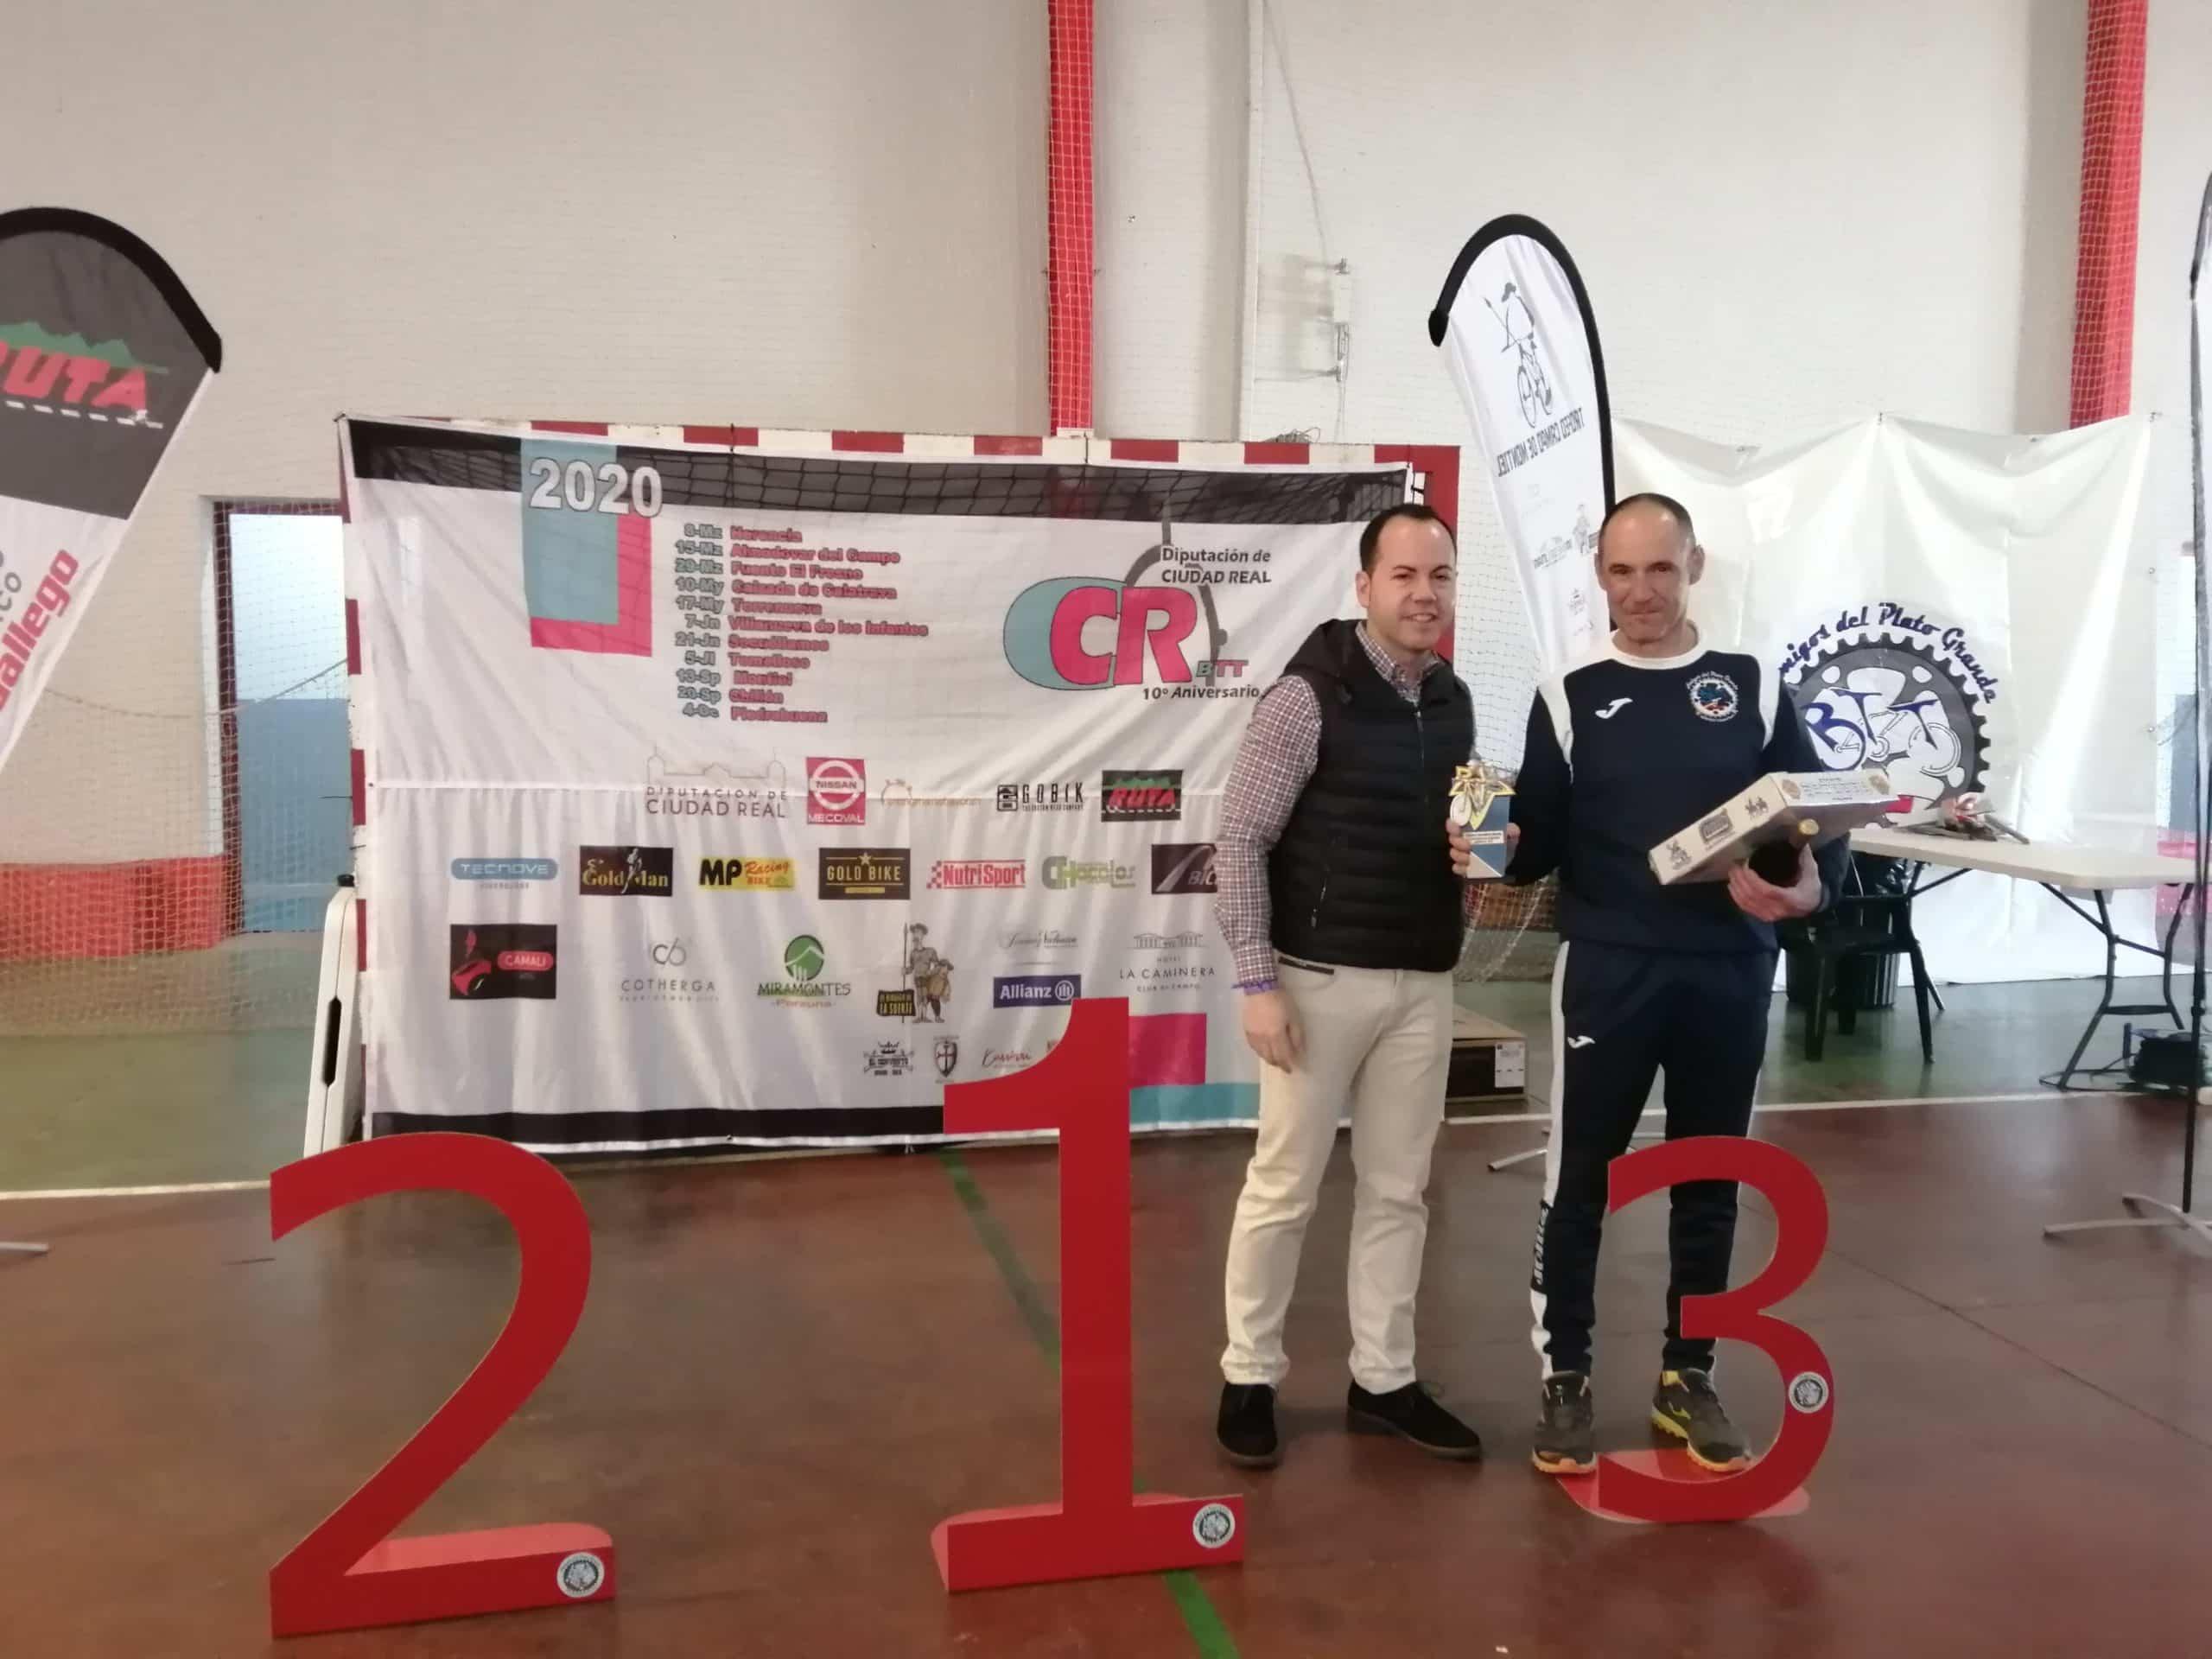 X circuito BTT herencia entrega premios 3 scaled - Más de 200 corredores participaron en el X Circuito BTT en Herencia